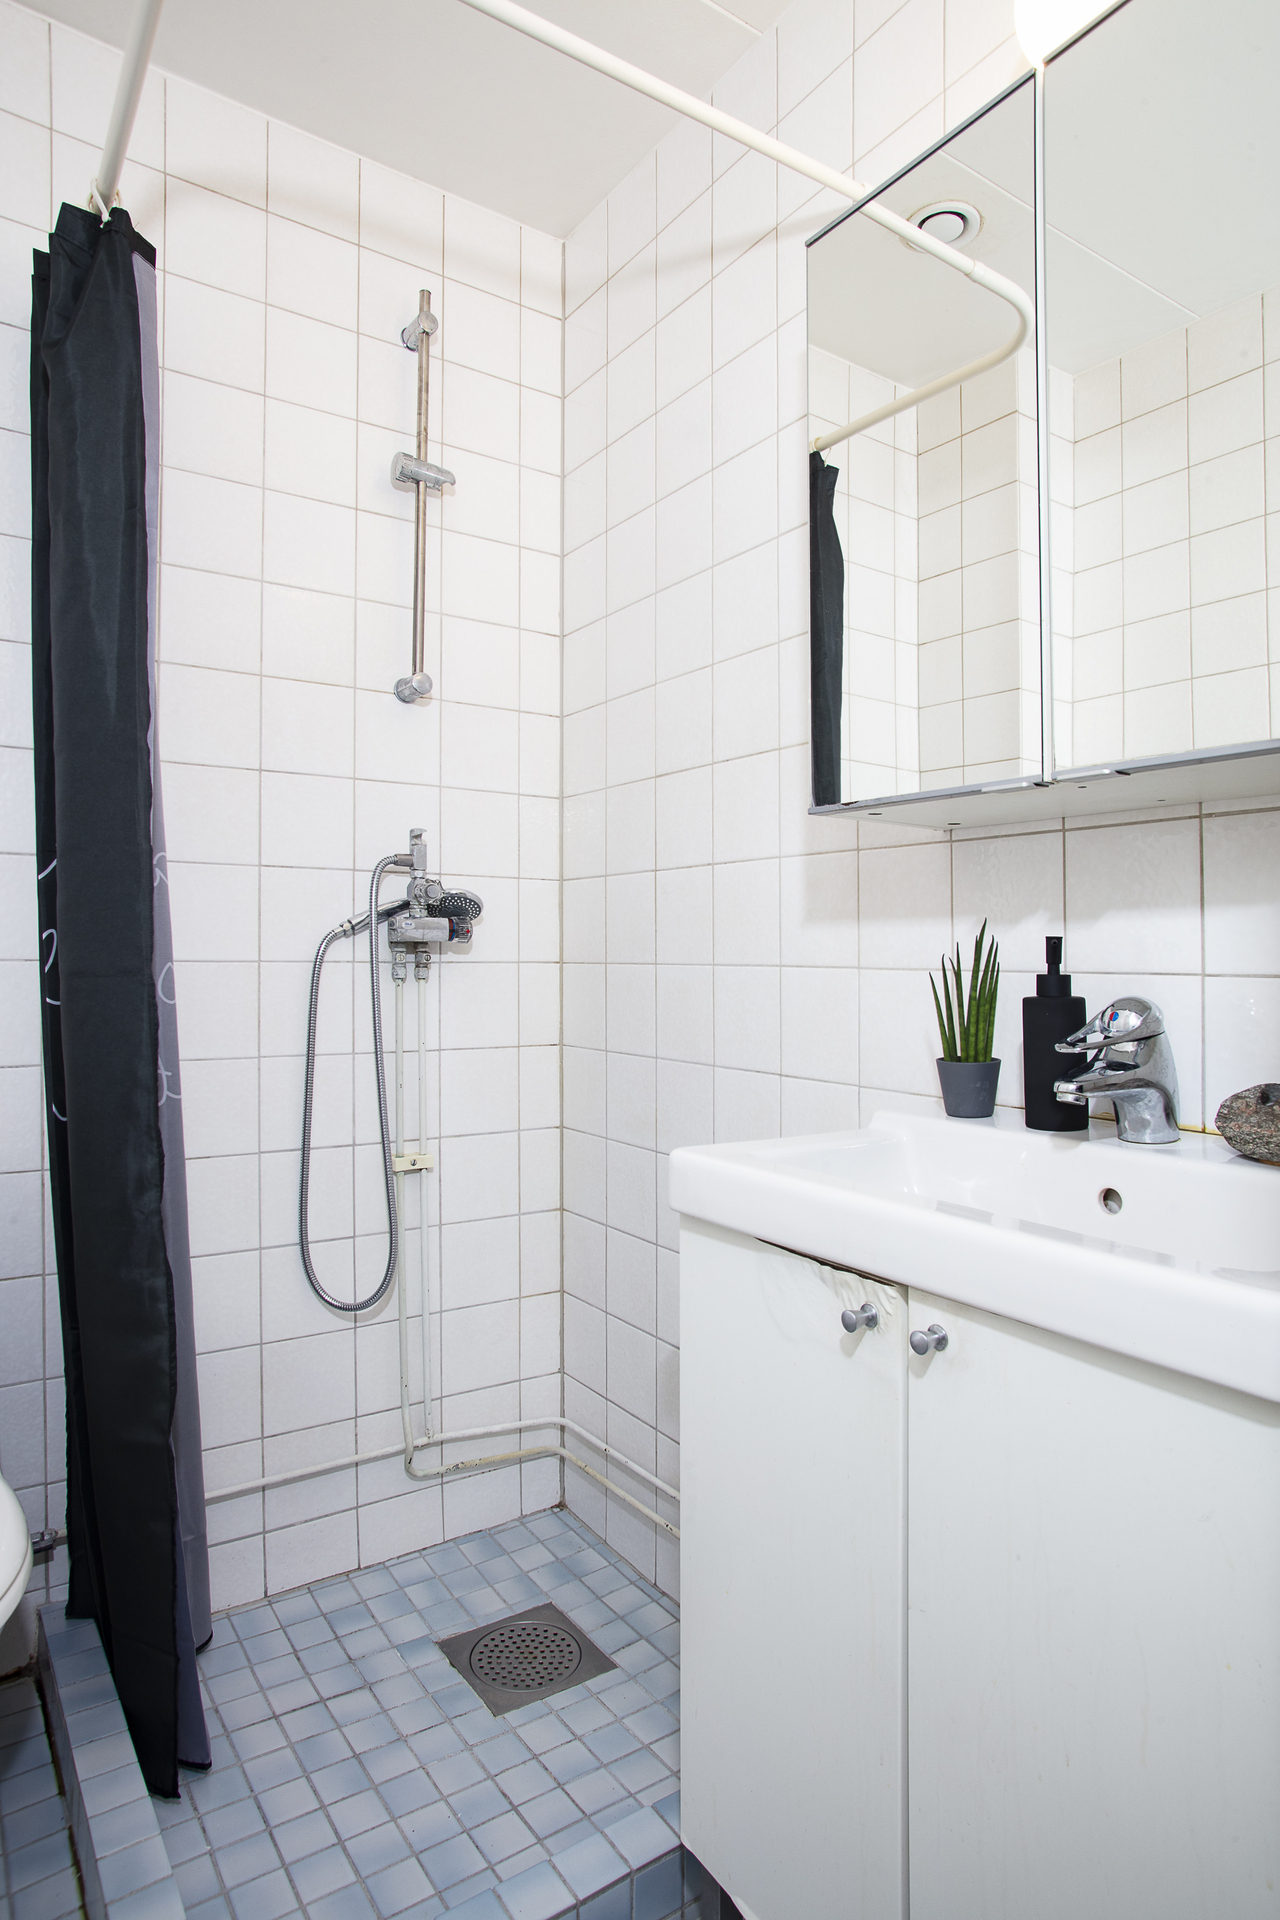 Badrum 2 erbjuder vask med kommod samt spegelskåp till förvaring